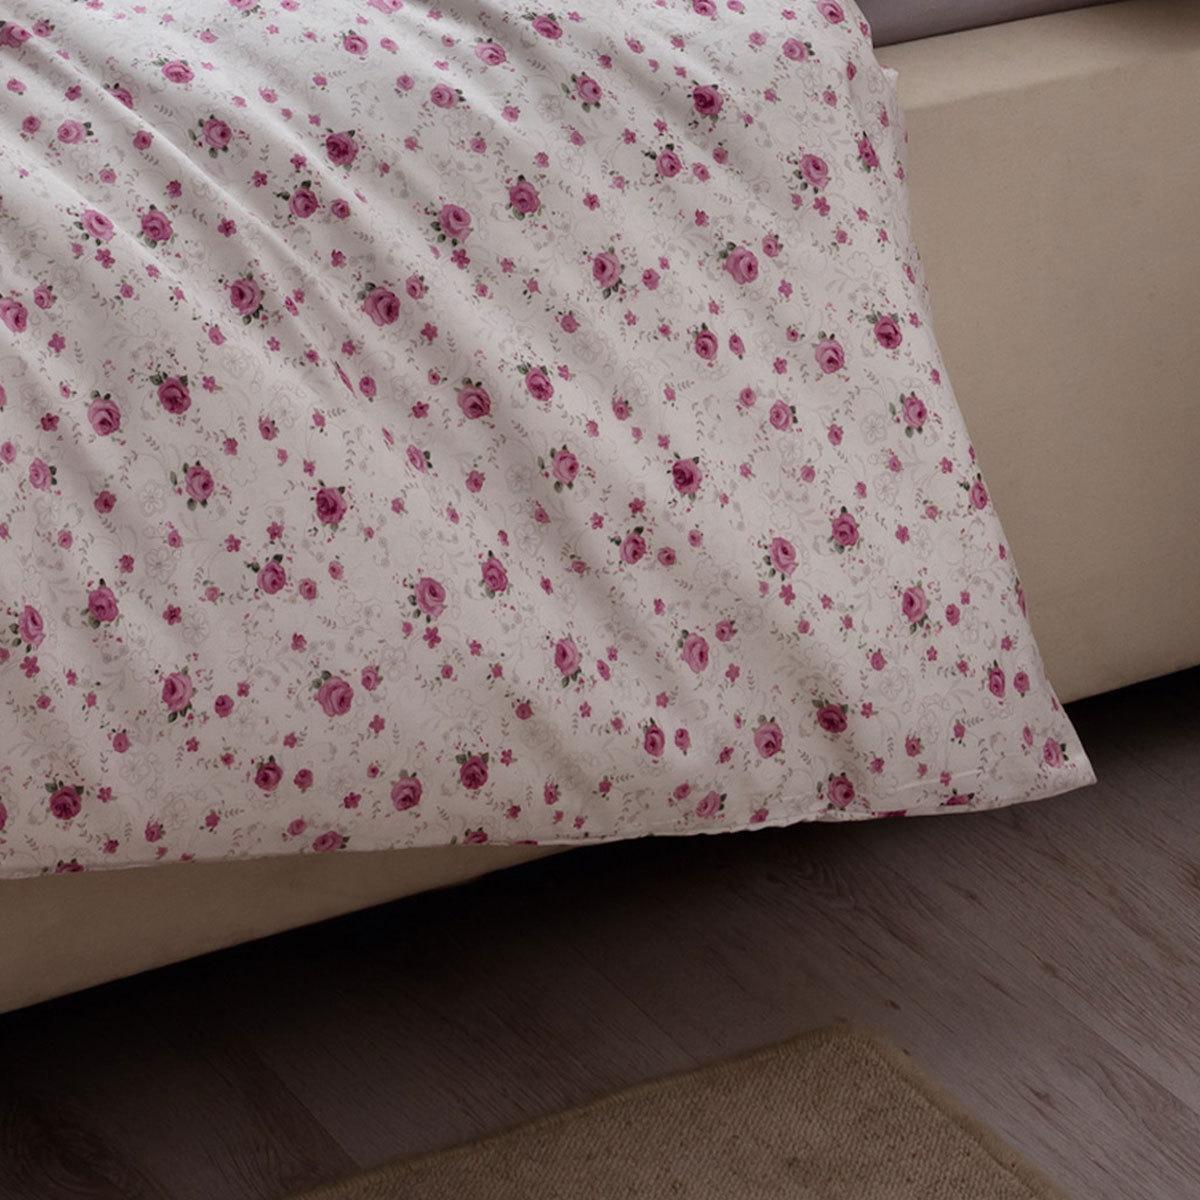 estella mako interlock jersey bettw sche lotta flieder. Black Bedroom Furniture Sets. Home Design Ideas